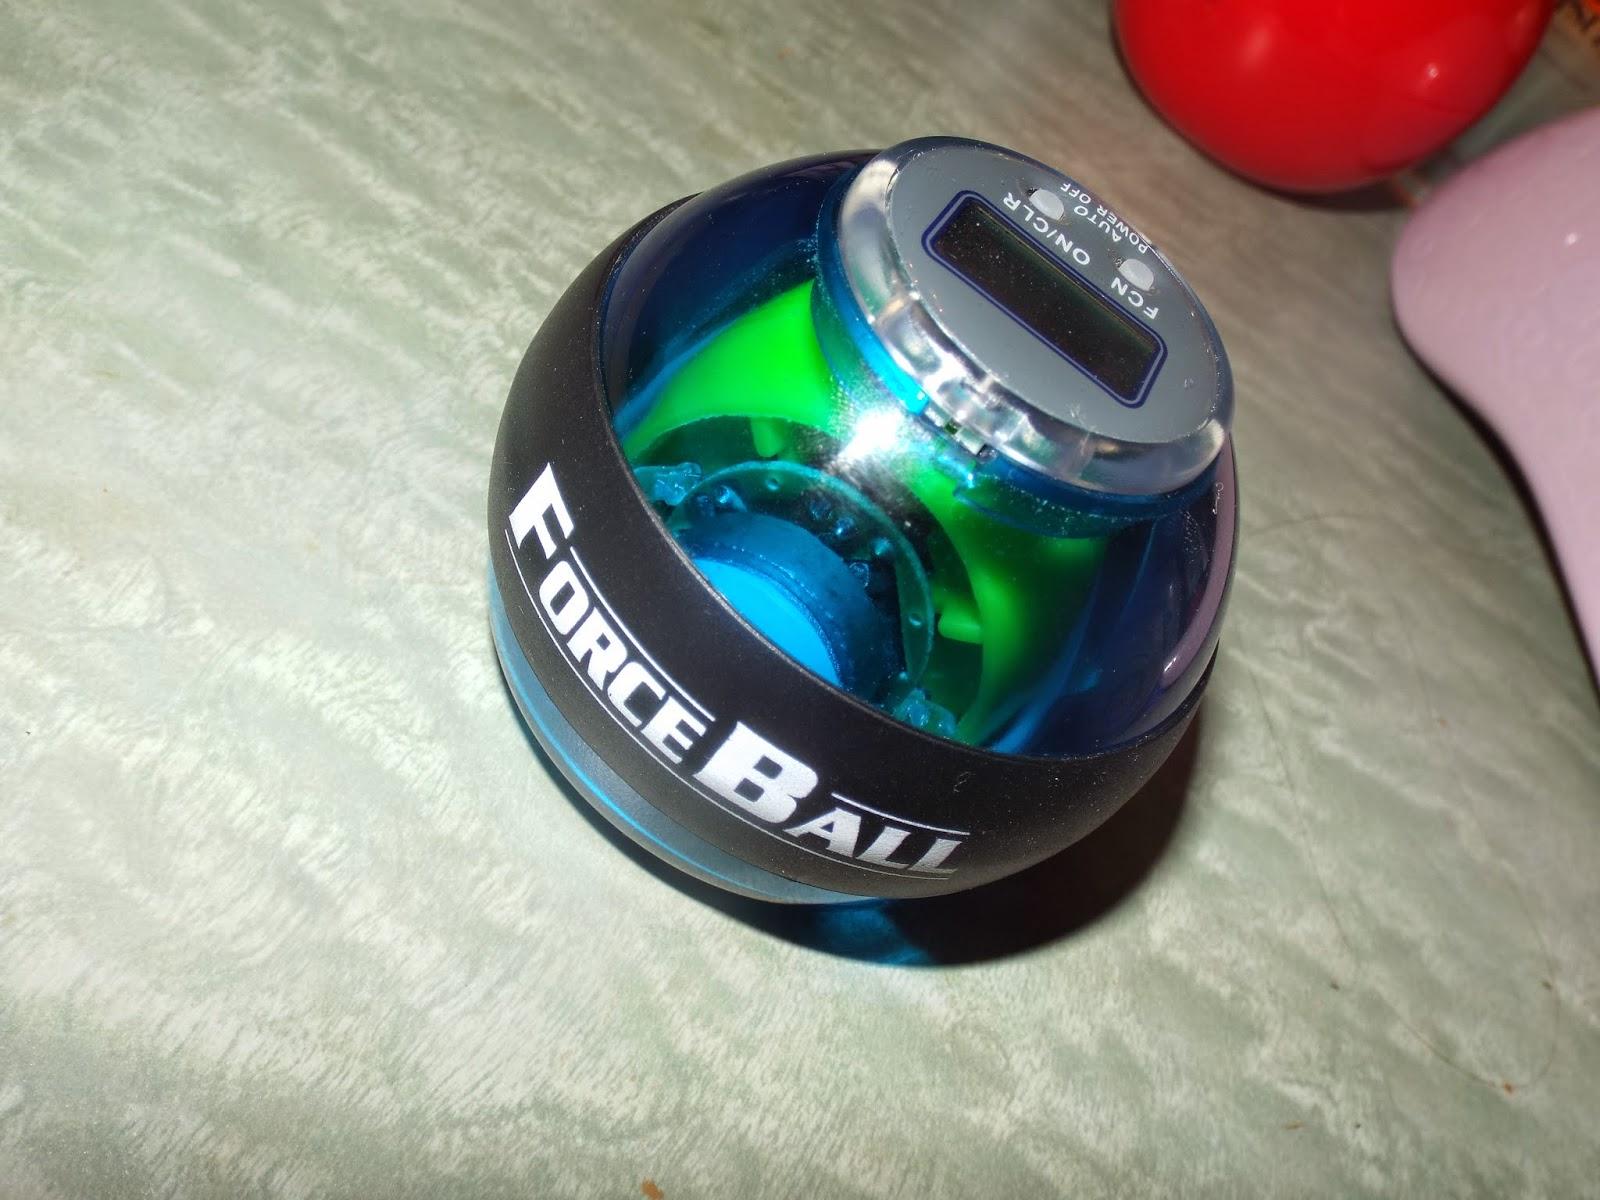 Gyro Force Ball